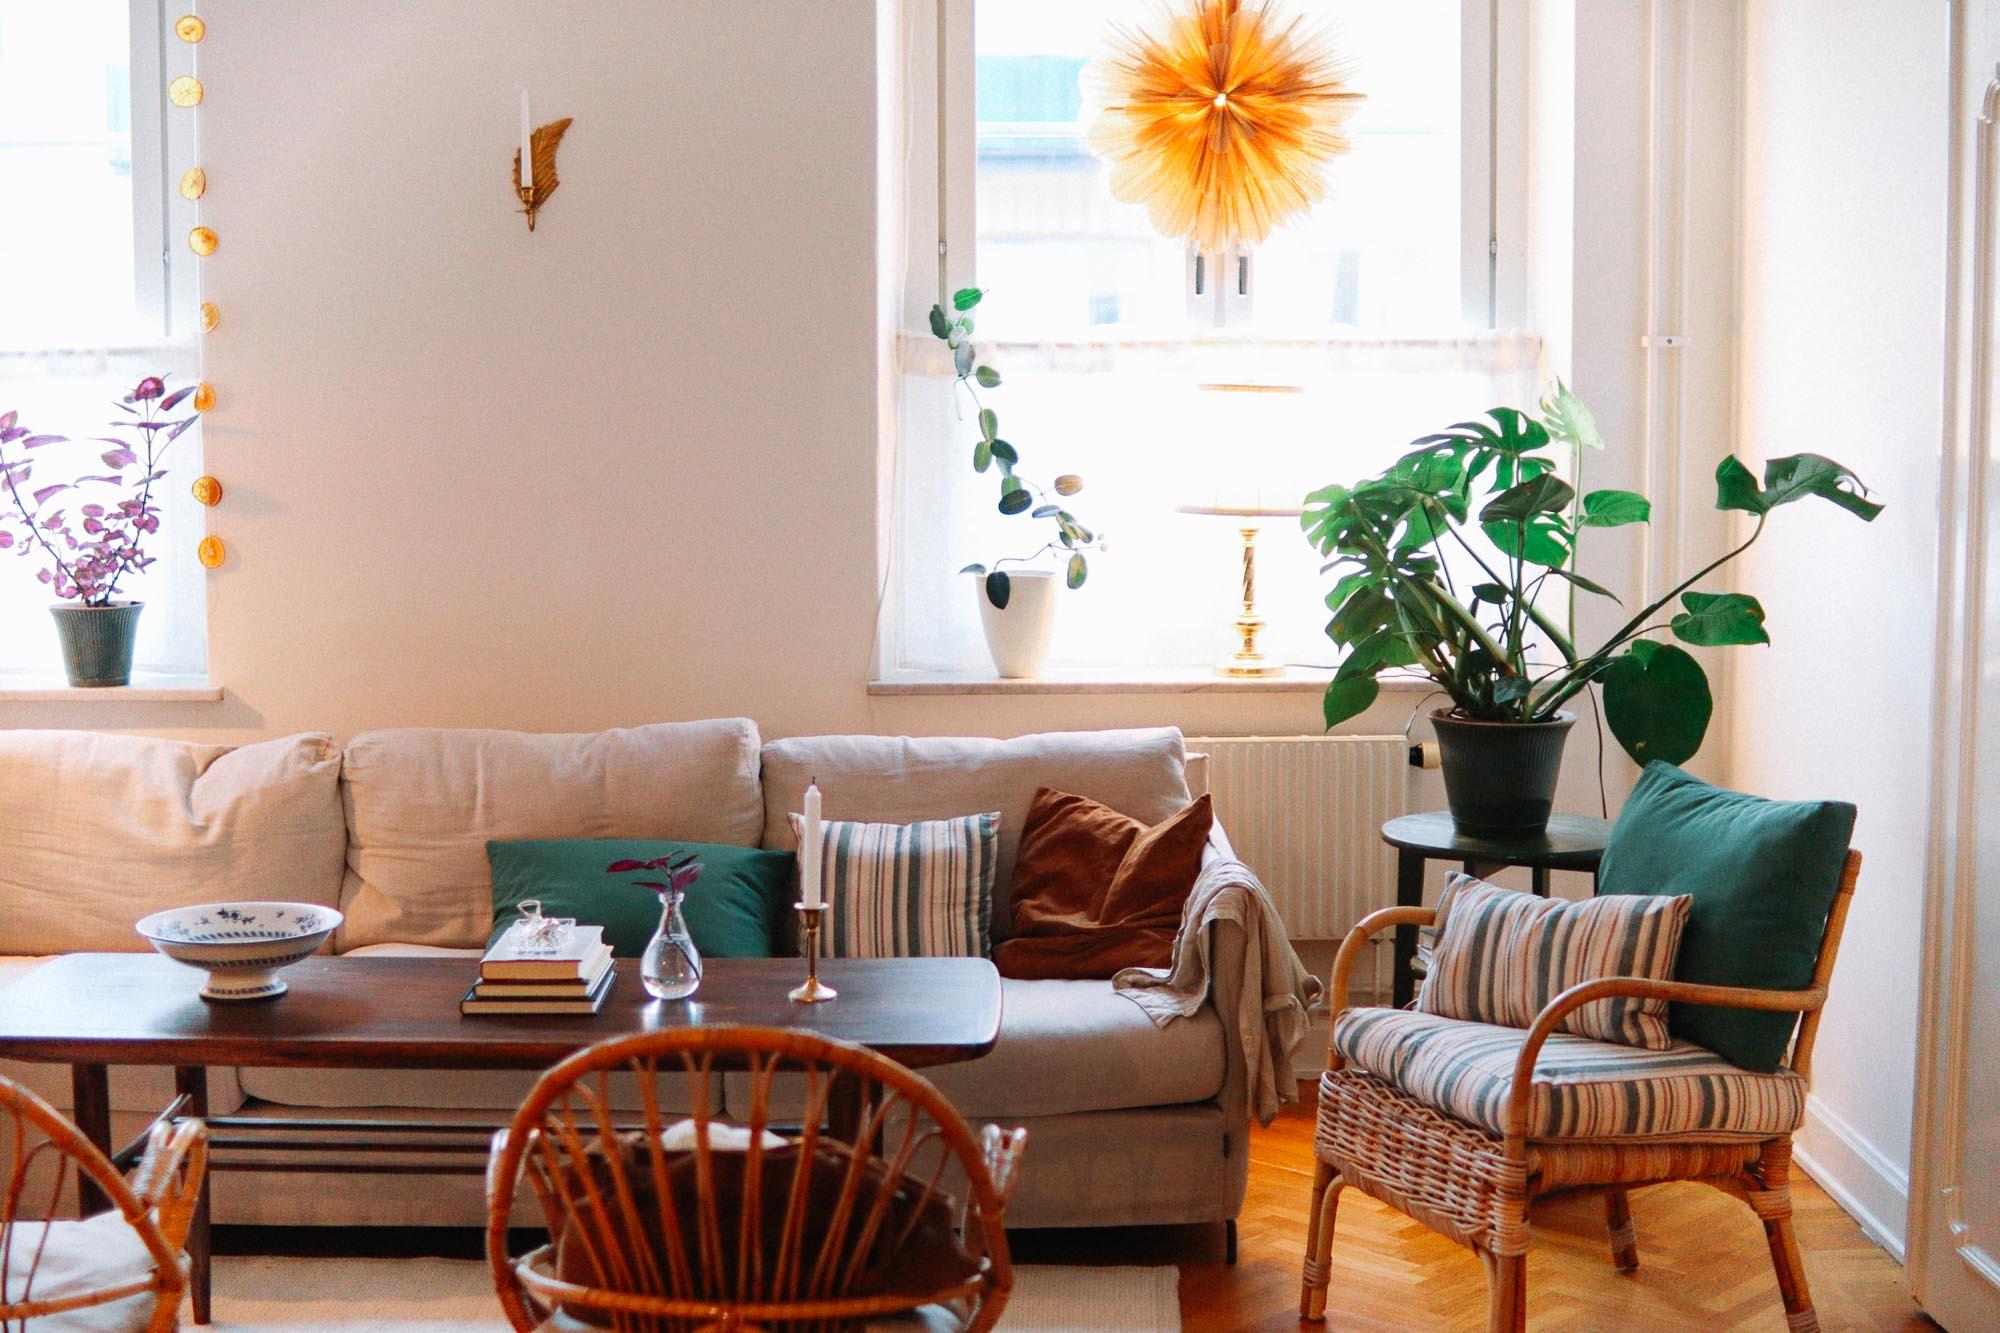 Vintagefabriken blogg Hemma hos Kajsa Visual-14